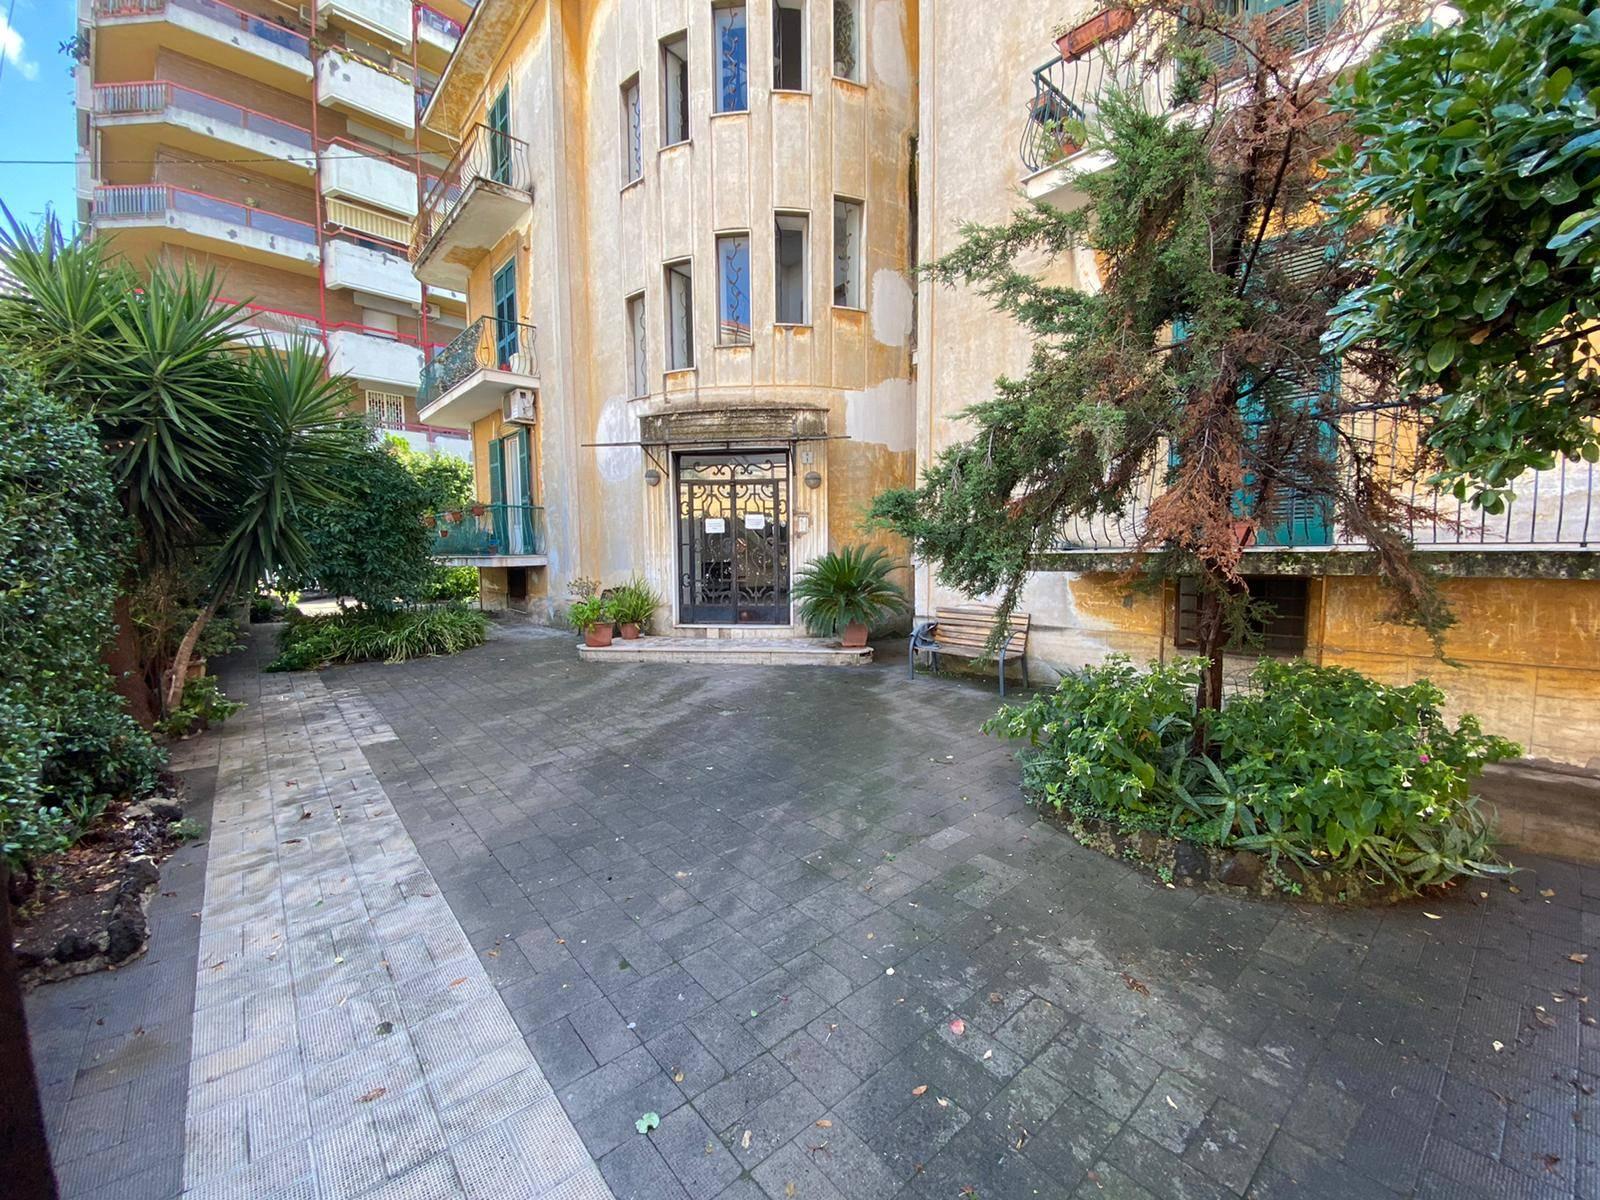 Appartamento in vendita a San Giorgio a Cremano, 3 locali, prezzo € 198.000 | CambioCasa.it